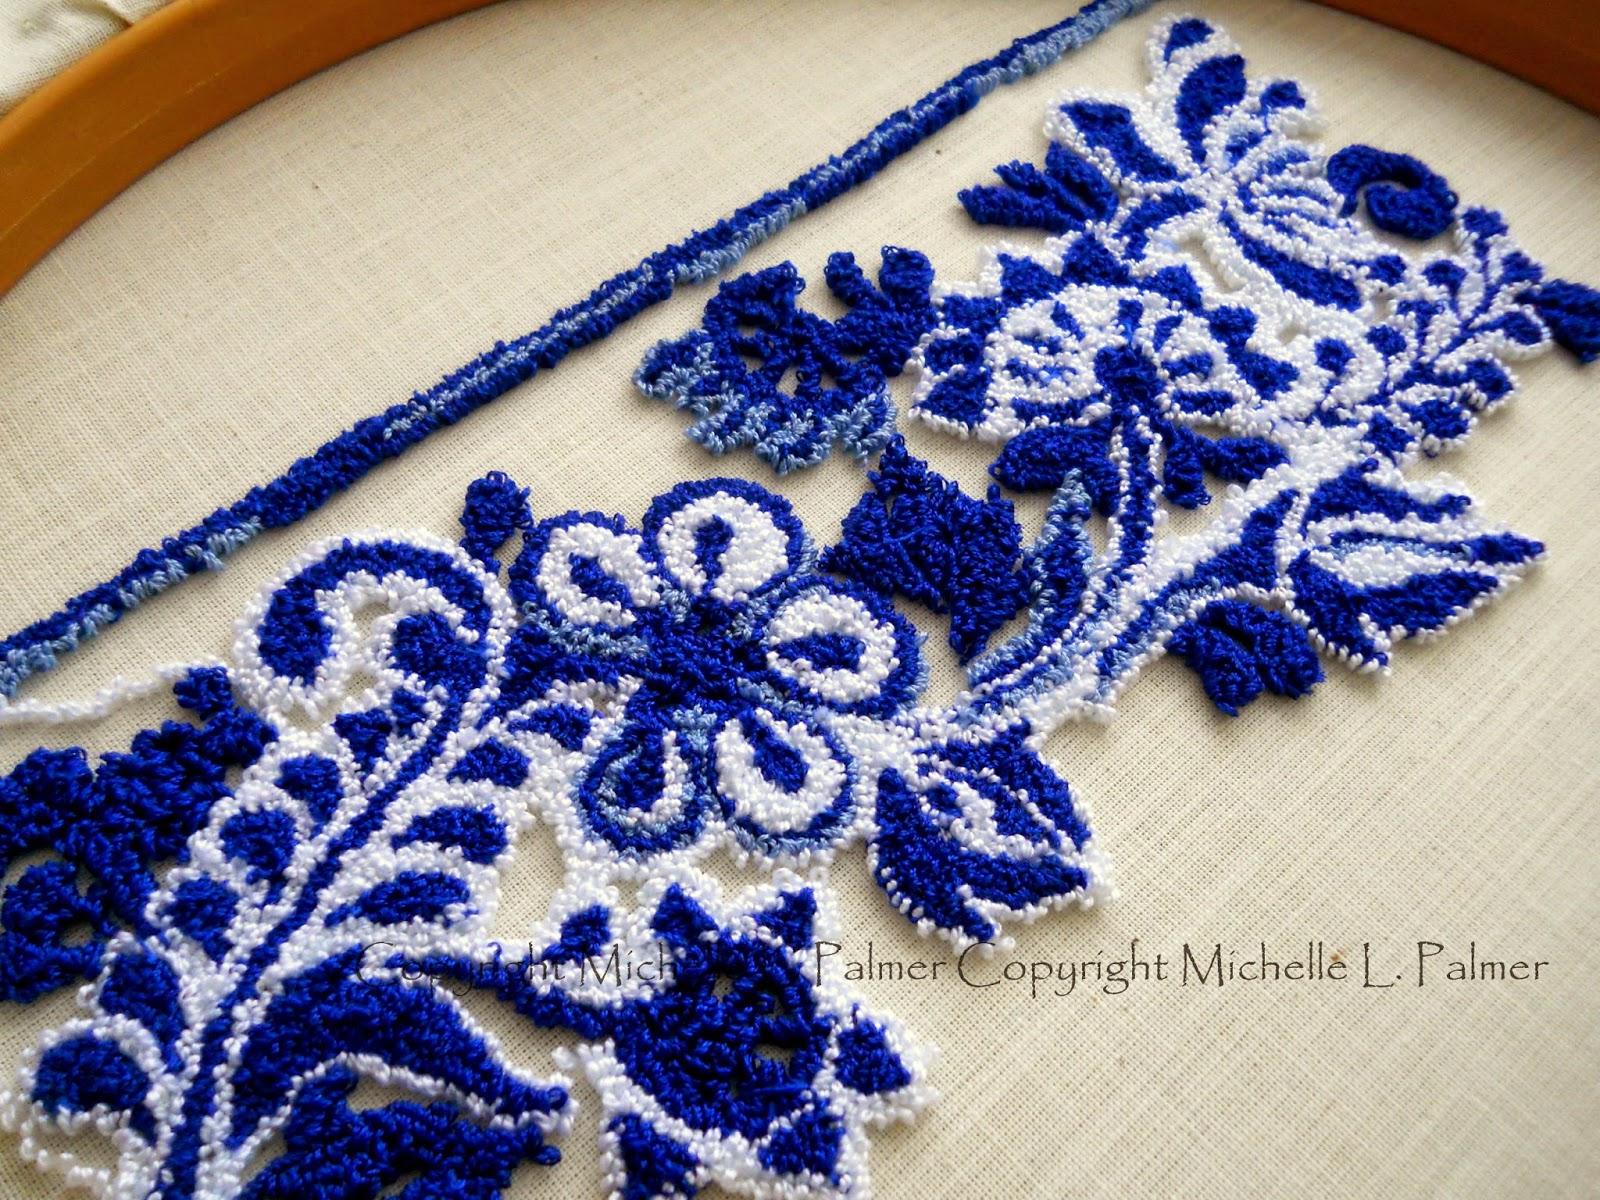 Michelle Palmer U0026quot;Flow Blue Skepsu0026quot; Punch Needle